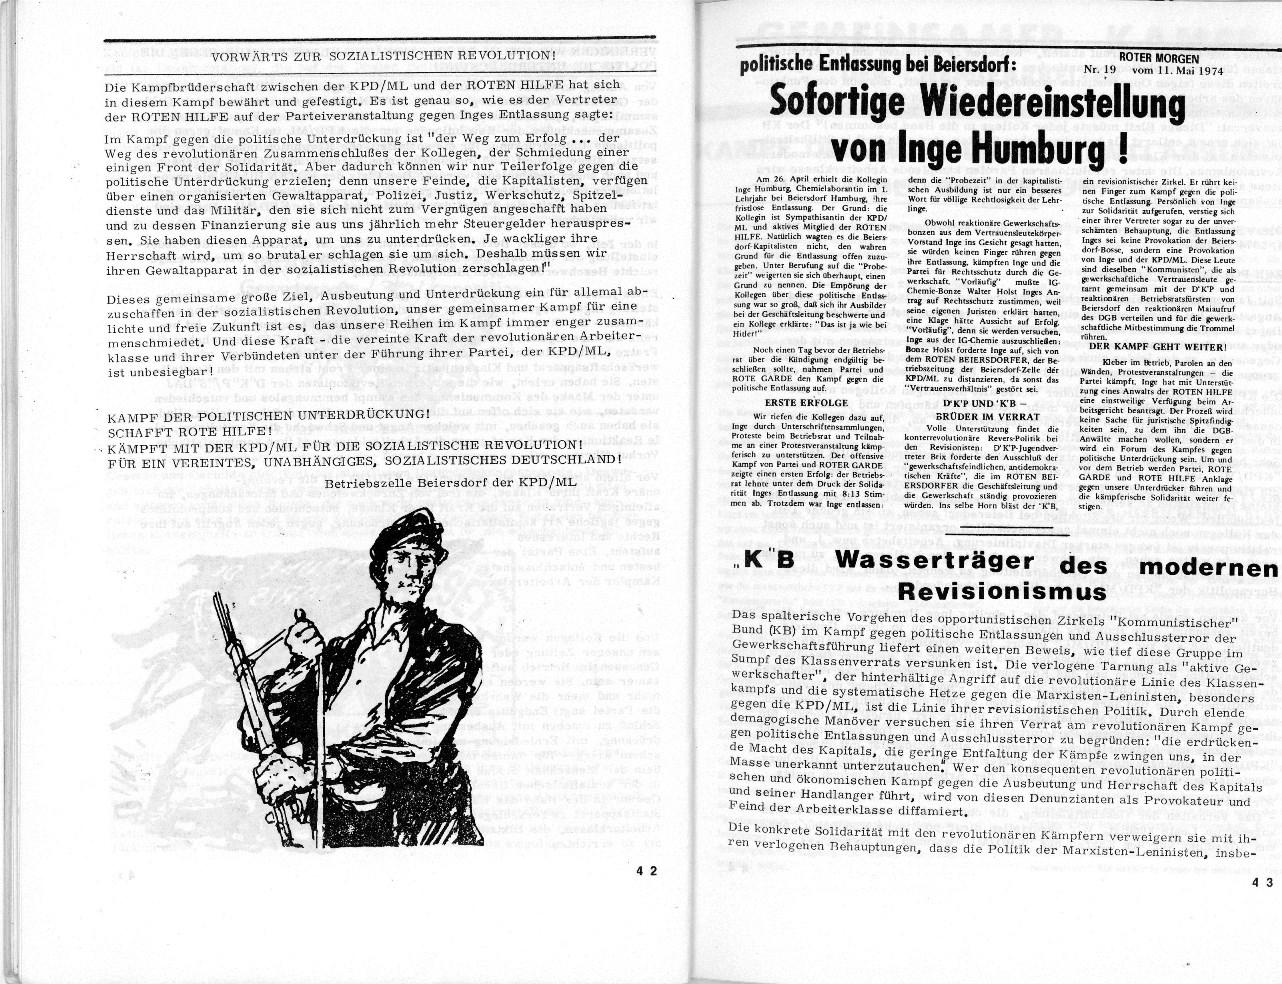 Hamburg_RH_1974_Politische_Entlassungen_23